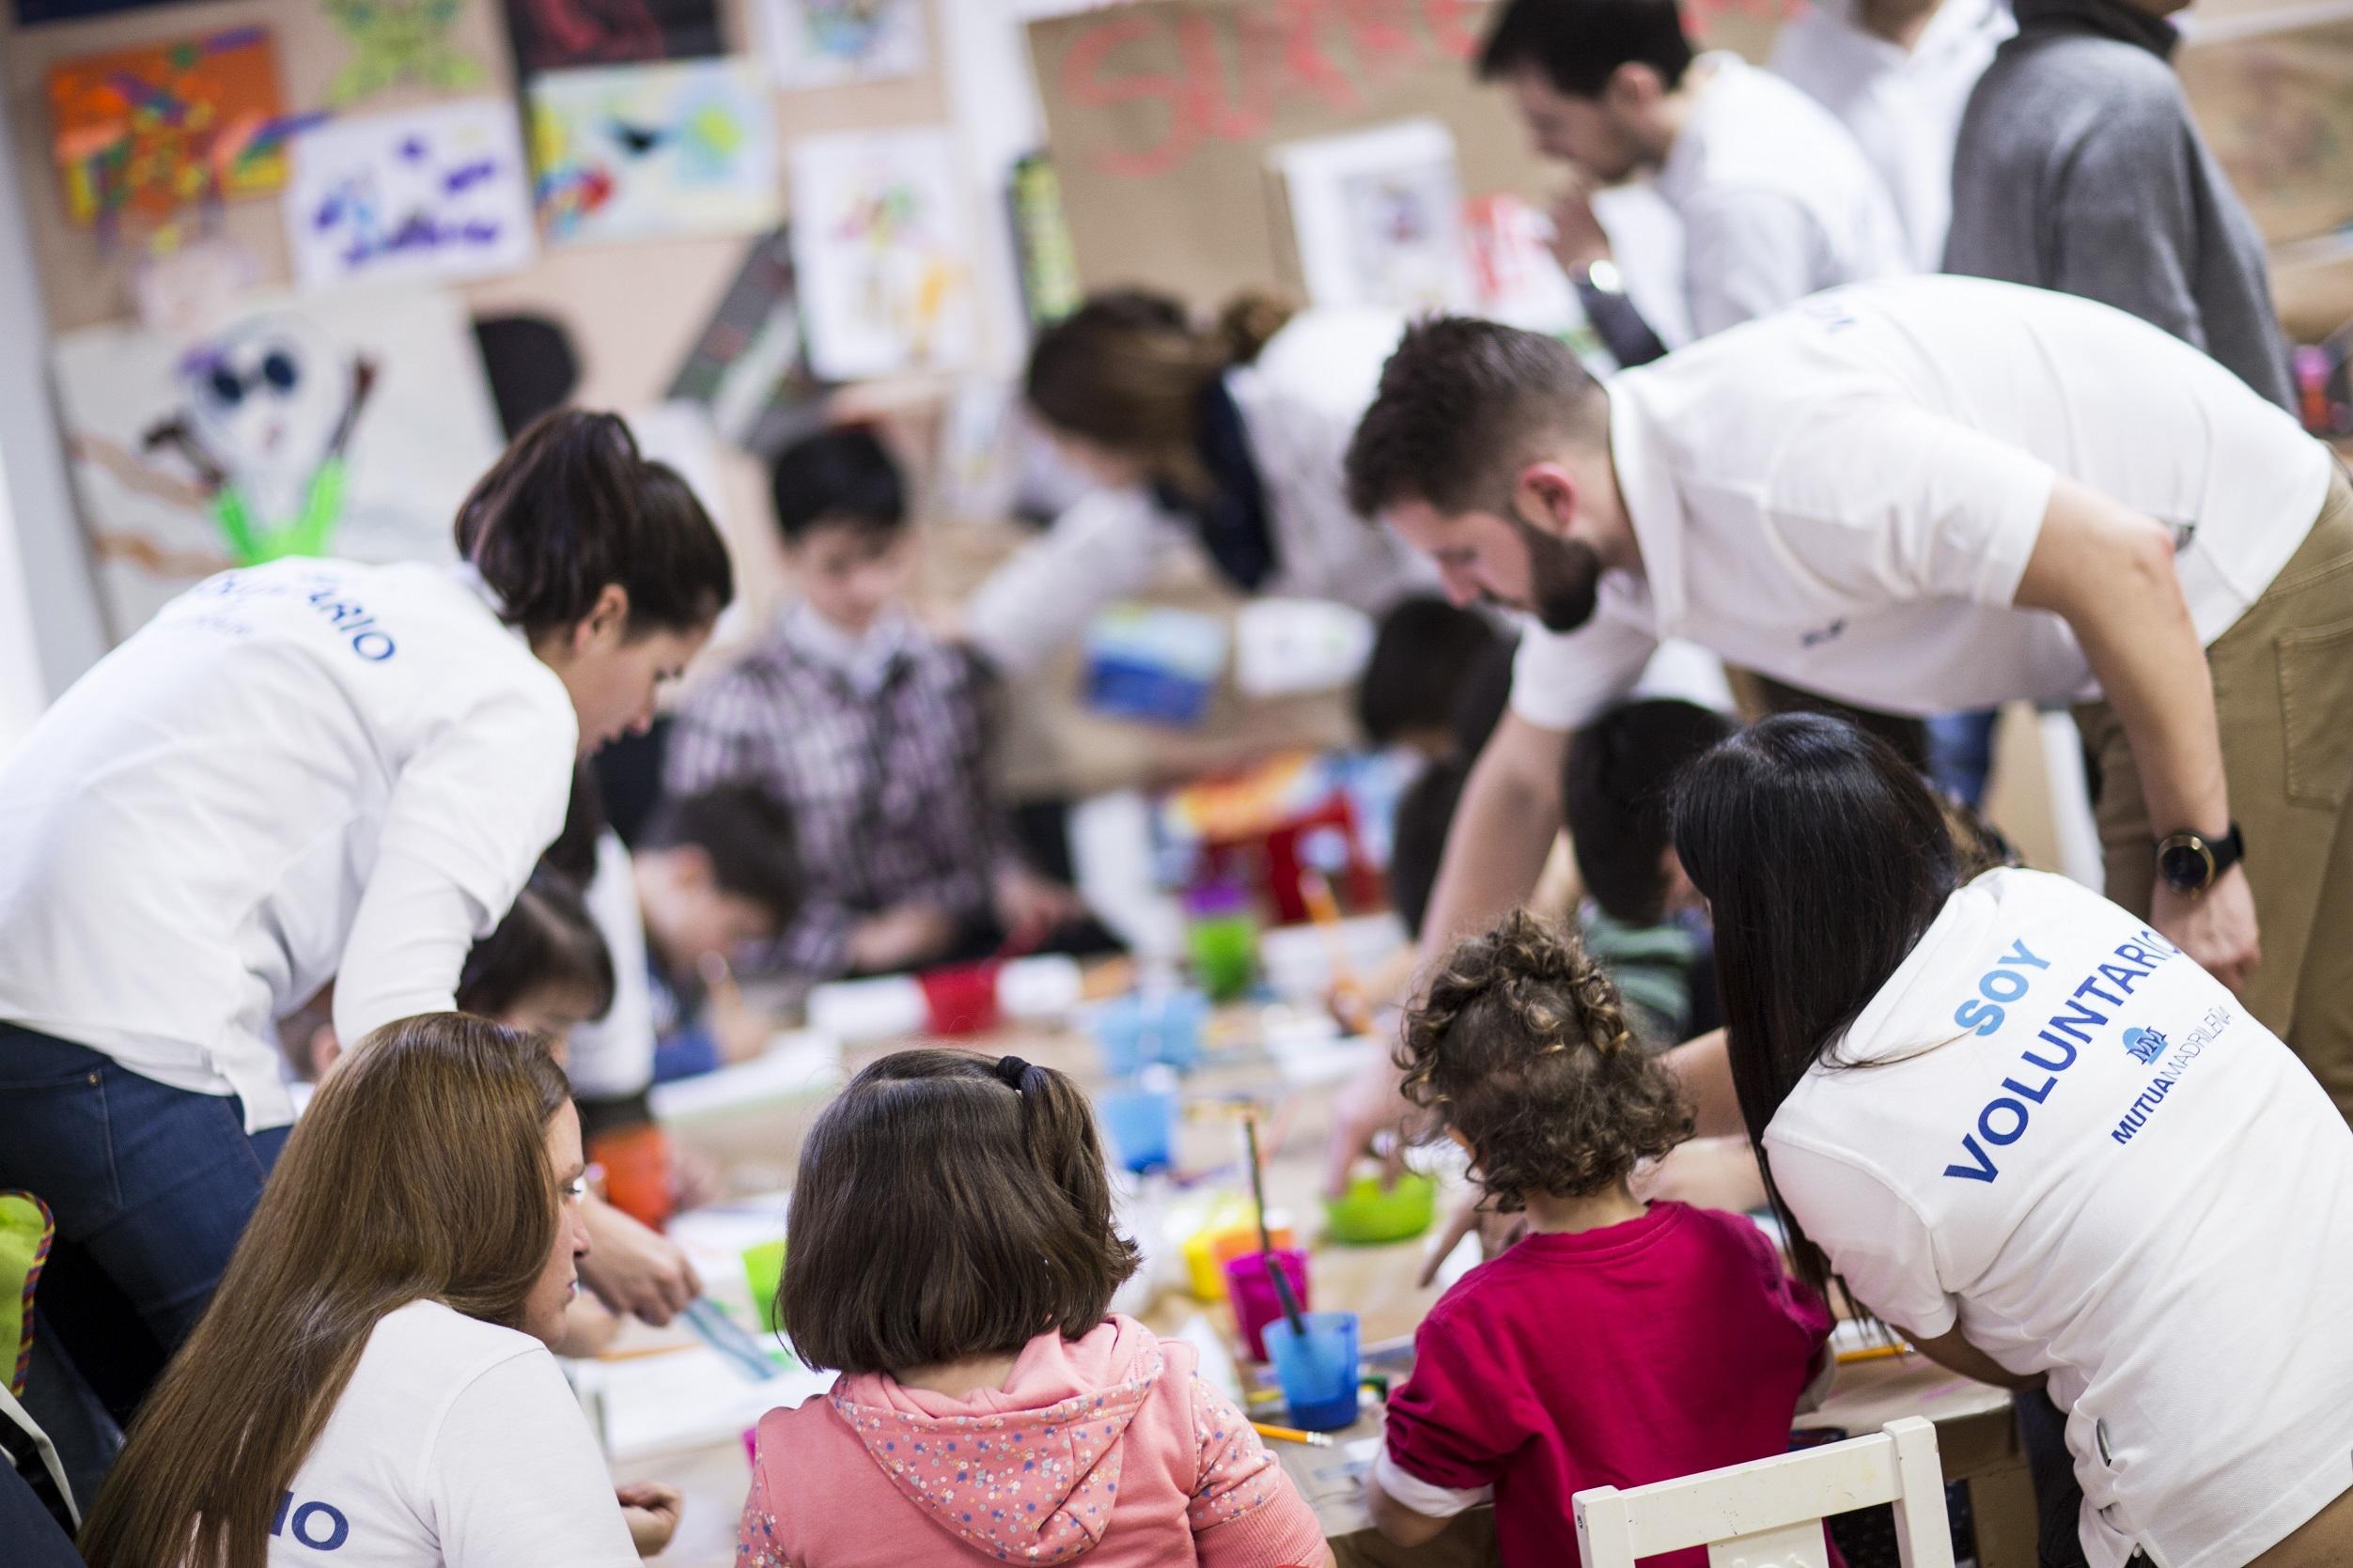 La Fundación Mutua Madrileña apoya 22 iniciativas sociales de la VI Convocatoria Anual de Ayudas a Proyectos de Acción Social